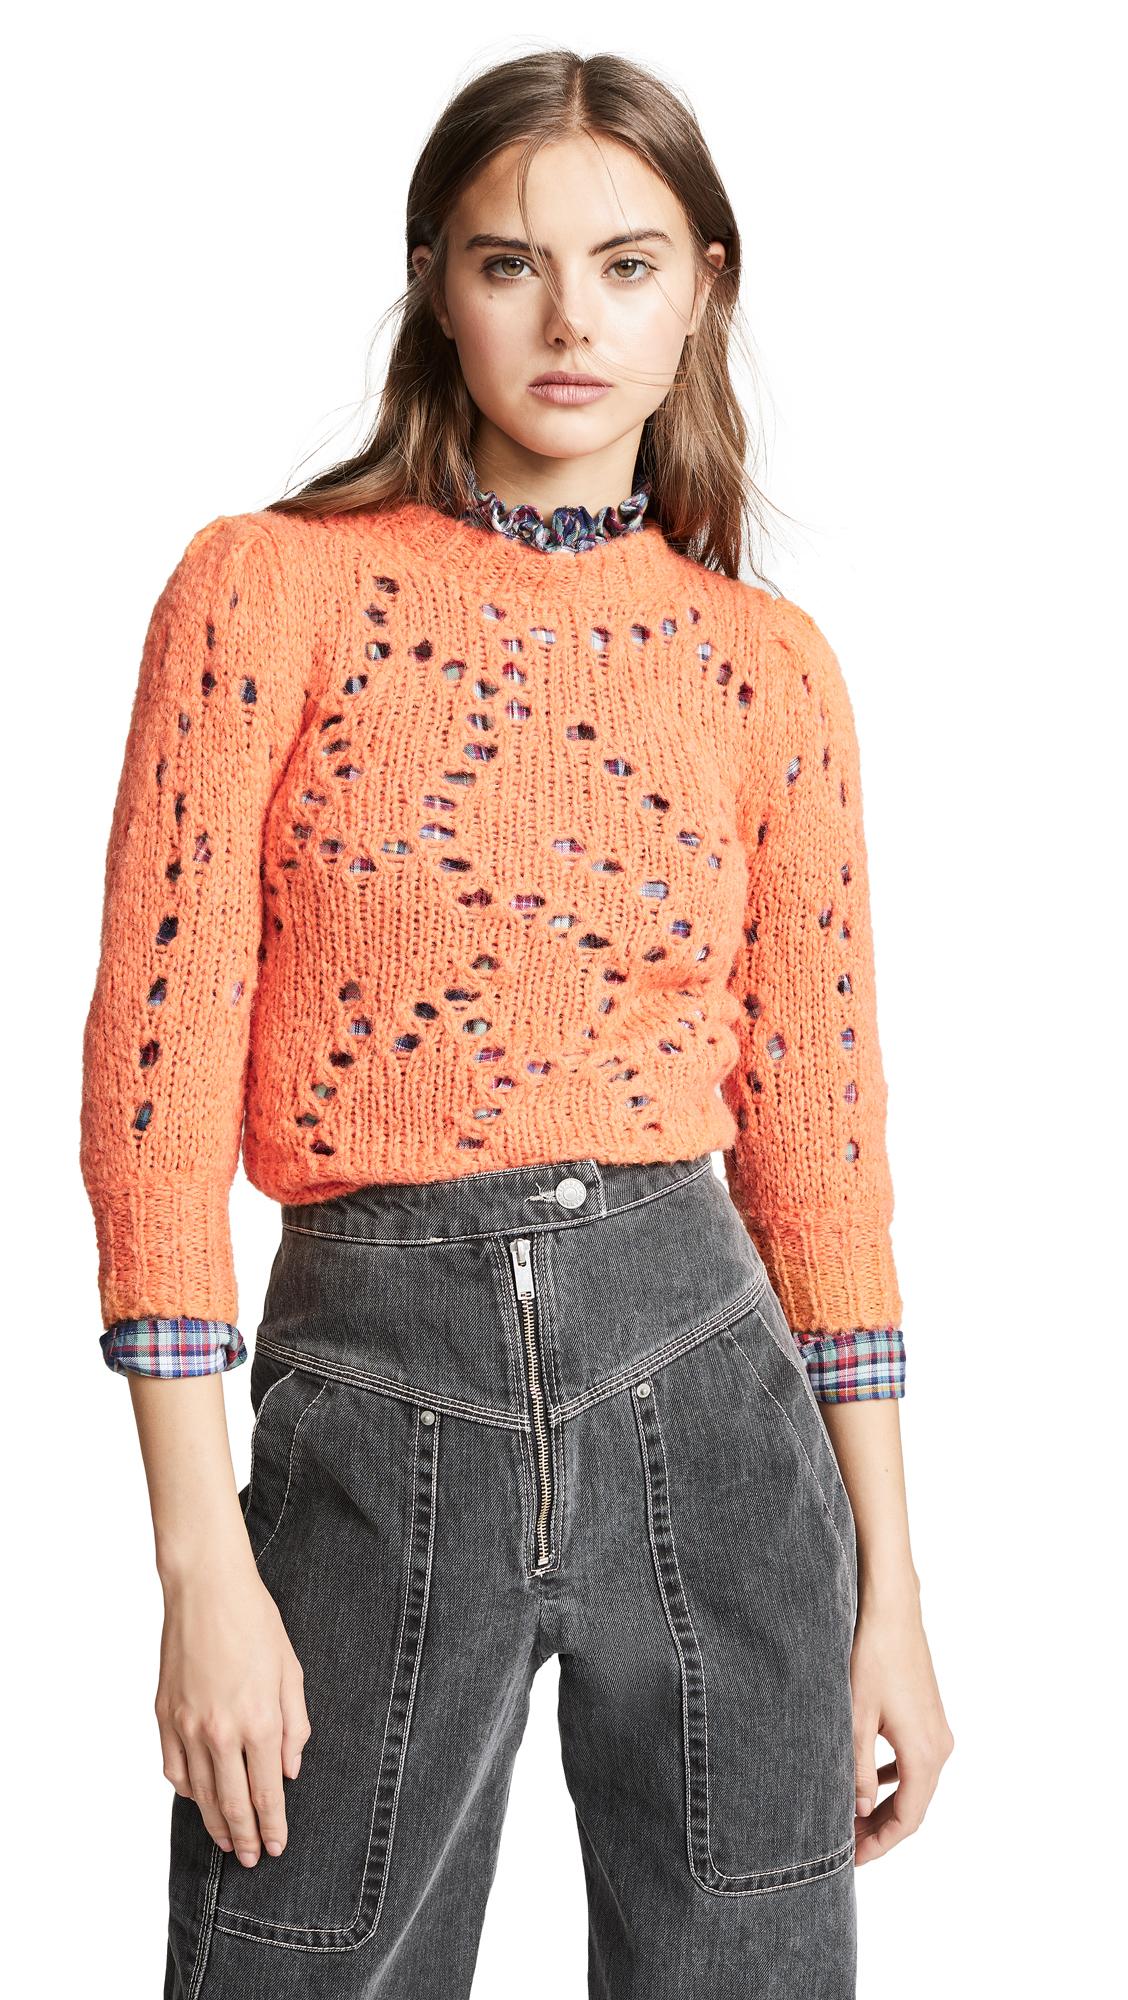 Isabel Marant Etoile Sinead Sweater - Papaya